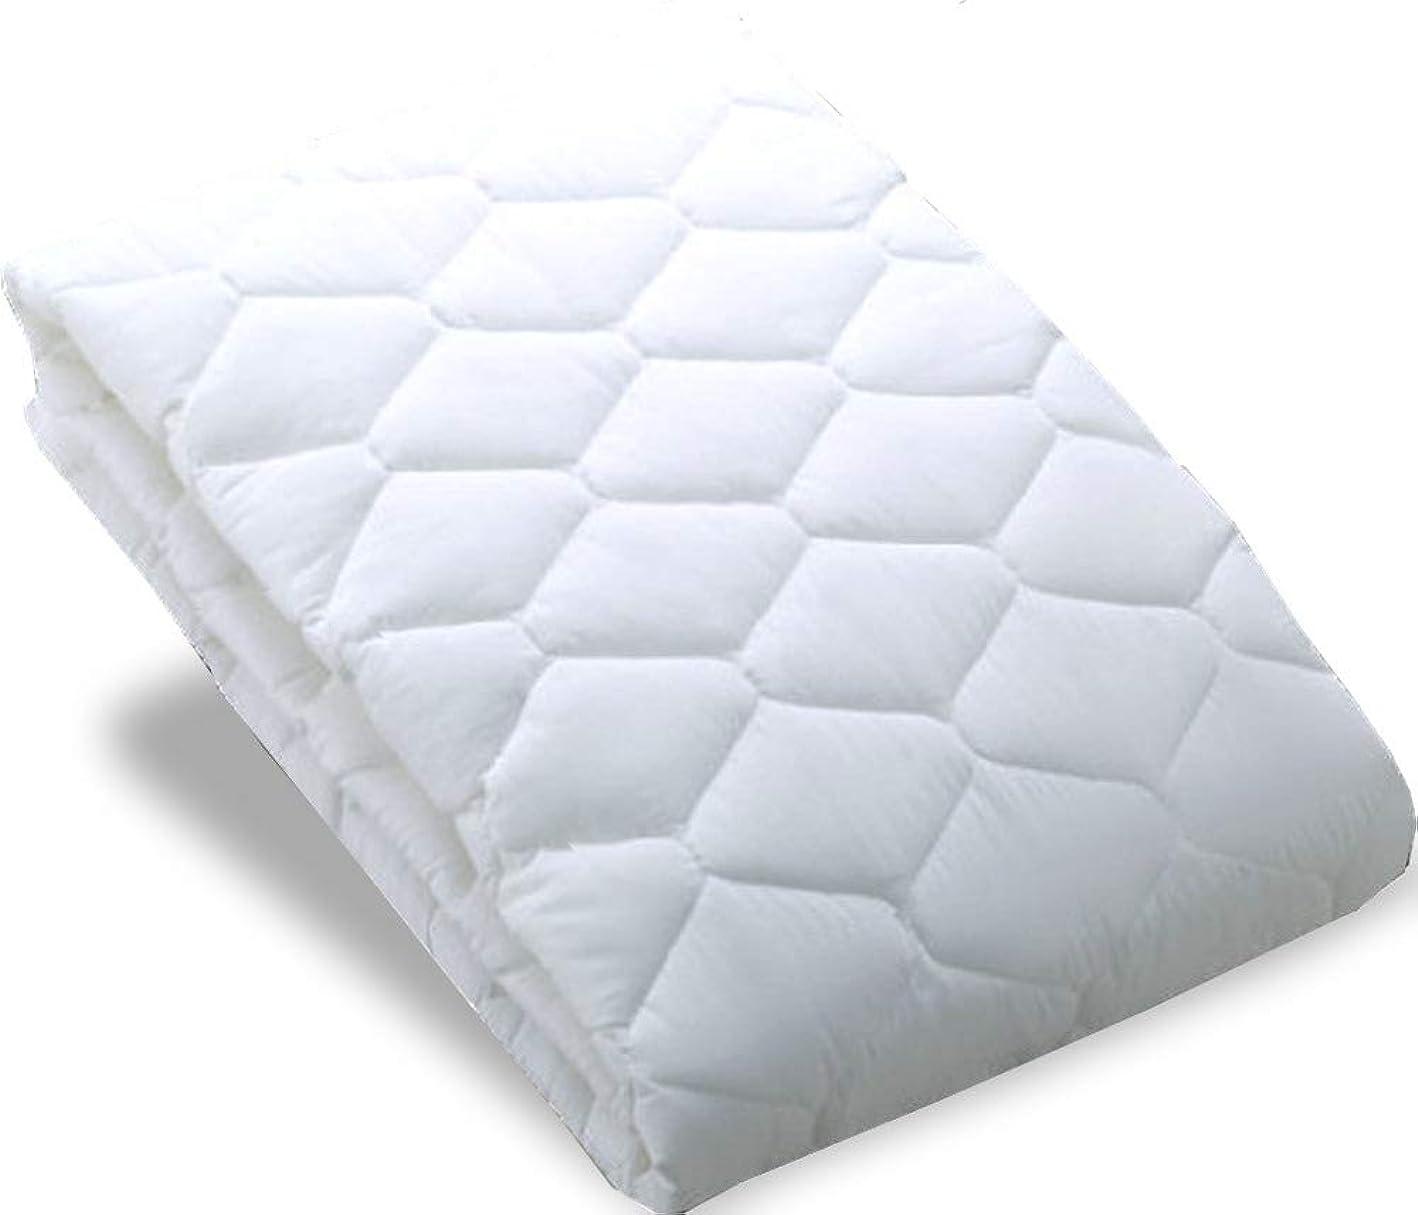 溶かす航空機衛星ホテル抗菌防臭ベッドパッド 大きなK-1サイズ